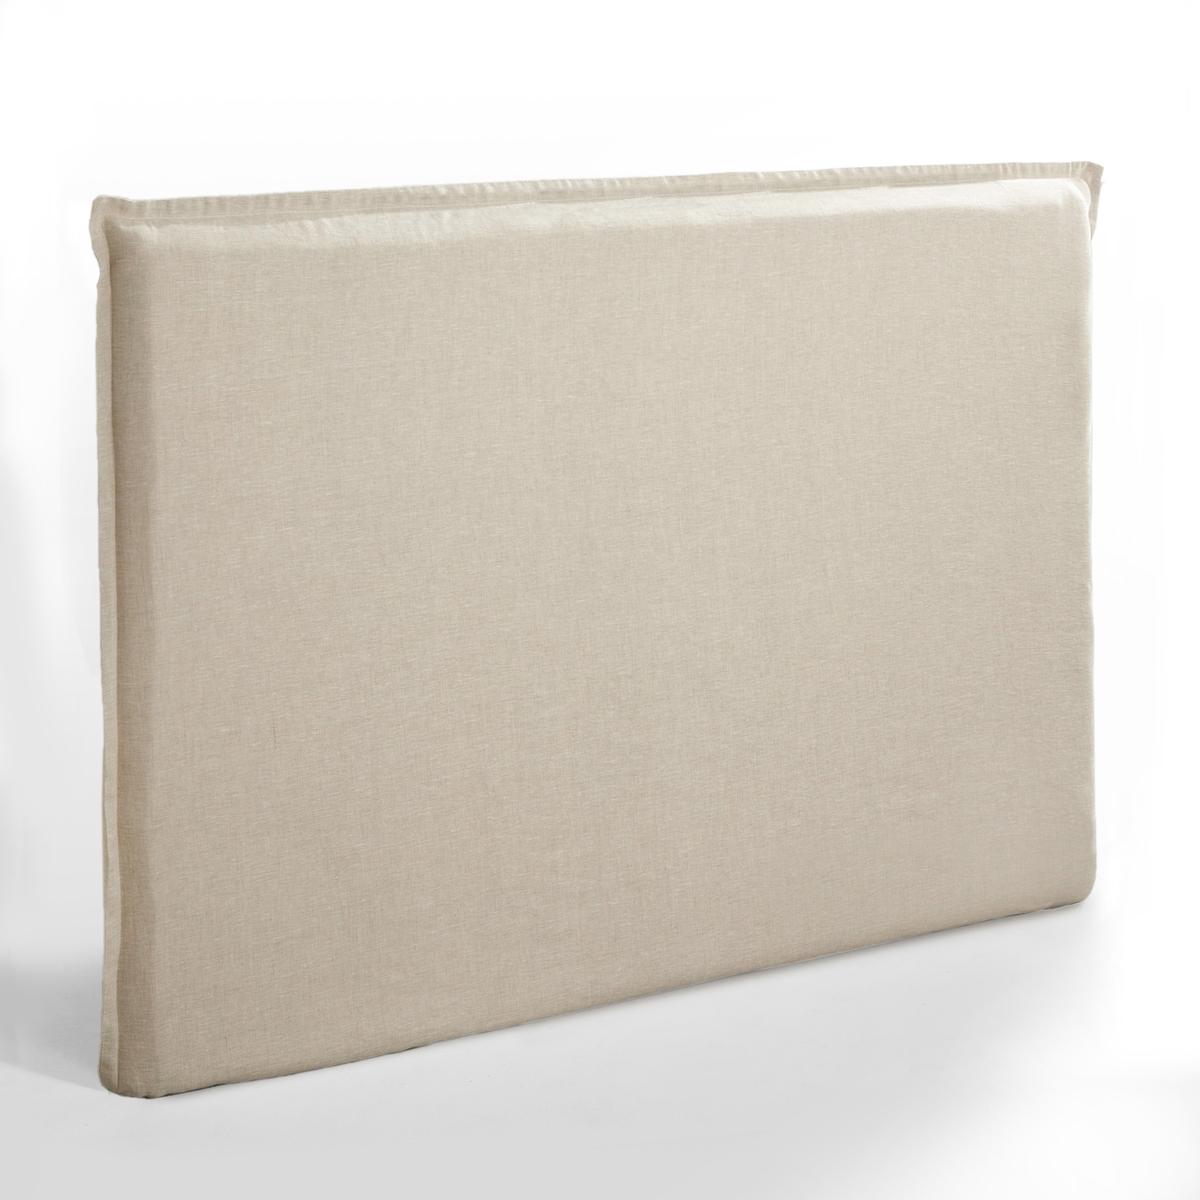 Чехол для изголовья кровати высотой 135 см из стиранного льна, SandorСостав :- 100% стиранный лен.Отделка :- Форма наволочки, плоский волан 2,5 см. Уход :- Машинная стирка при 40 °С.Размеры :- Высота 135 см.  Размеры: Ширина 105 см : для 1-сп. кровати, ширина 90 см Ширина 155 см : для 2-сп. кровати, ширина 140 см Ширина 175 см : для 2-сп. кровати, ширина 160 см Ширина 195 см : для 2-сп. кровати, ширина 180 смЗнак Oeko-Tex® гарантирует, что товары прошли проверку и были изготовлены без применения вредных для здоровья человека веществ.<br><br>Цвет: антрацит,светло-синий,серо-бежевый,серый